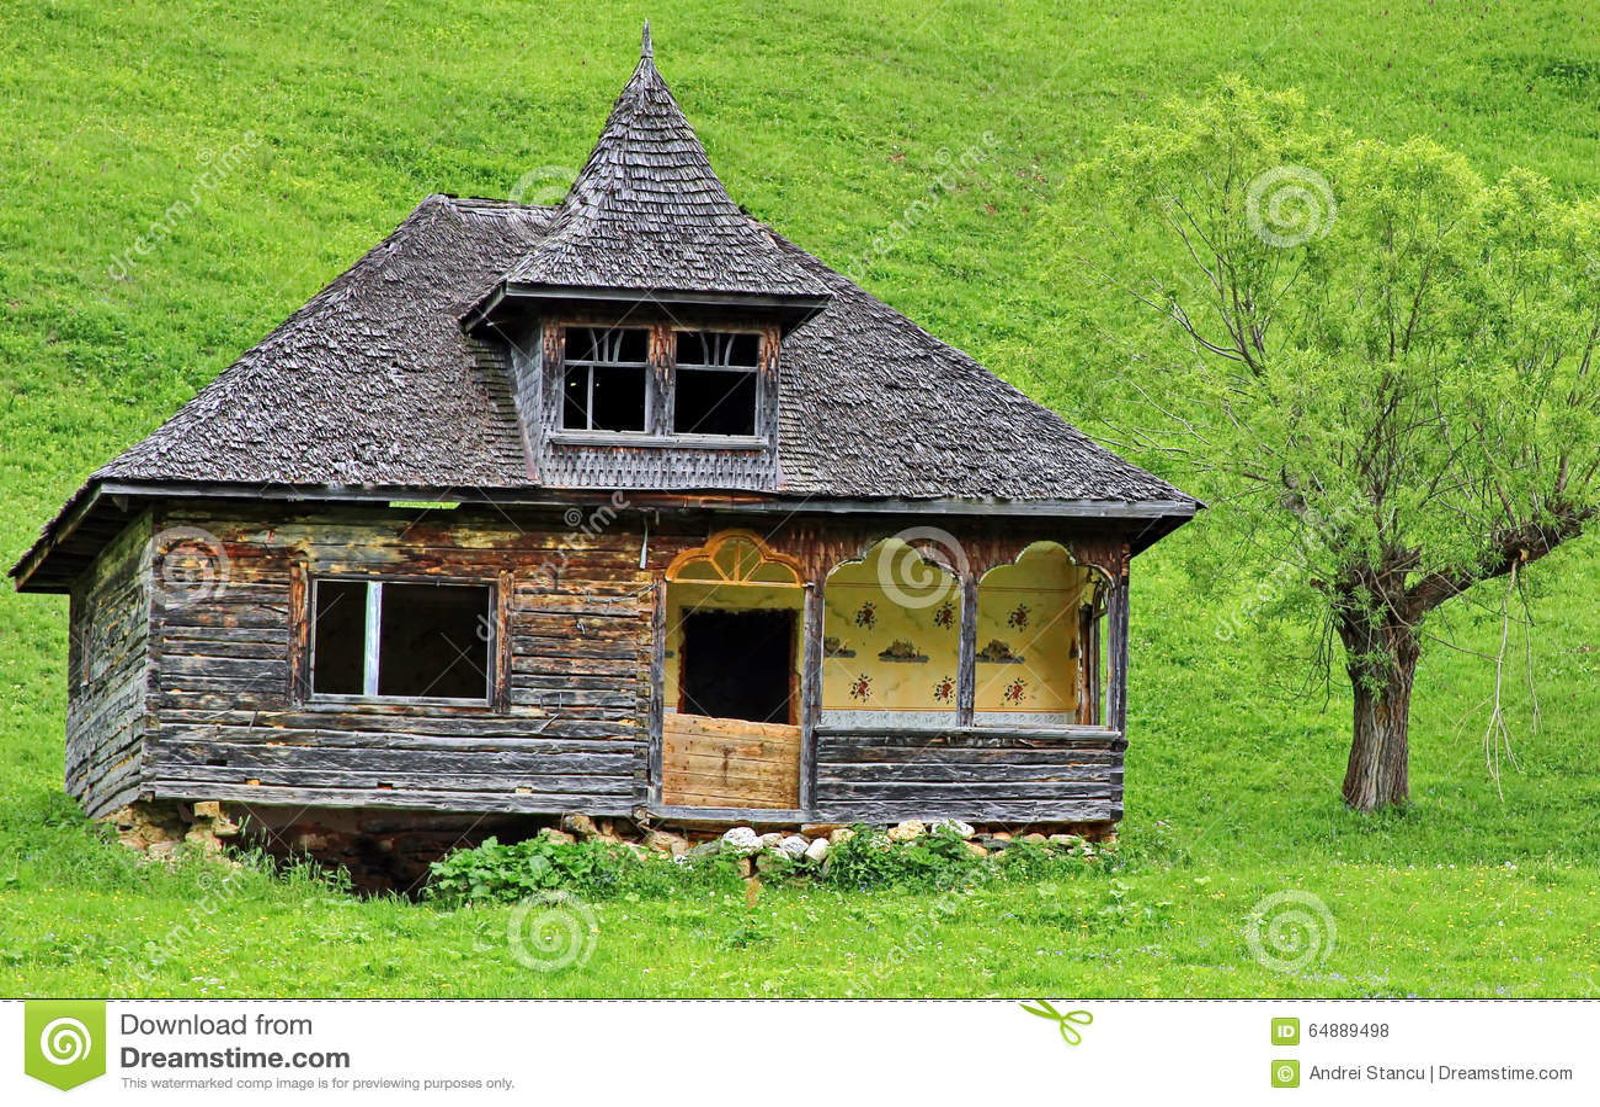 Vecchia casa di legno tradizionale fotografia stock for Casa in legno tradizionale